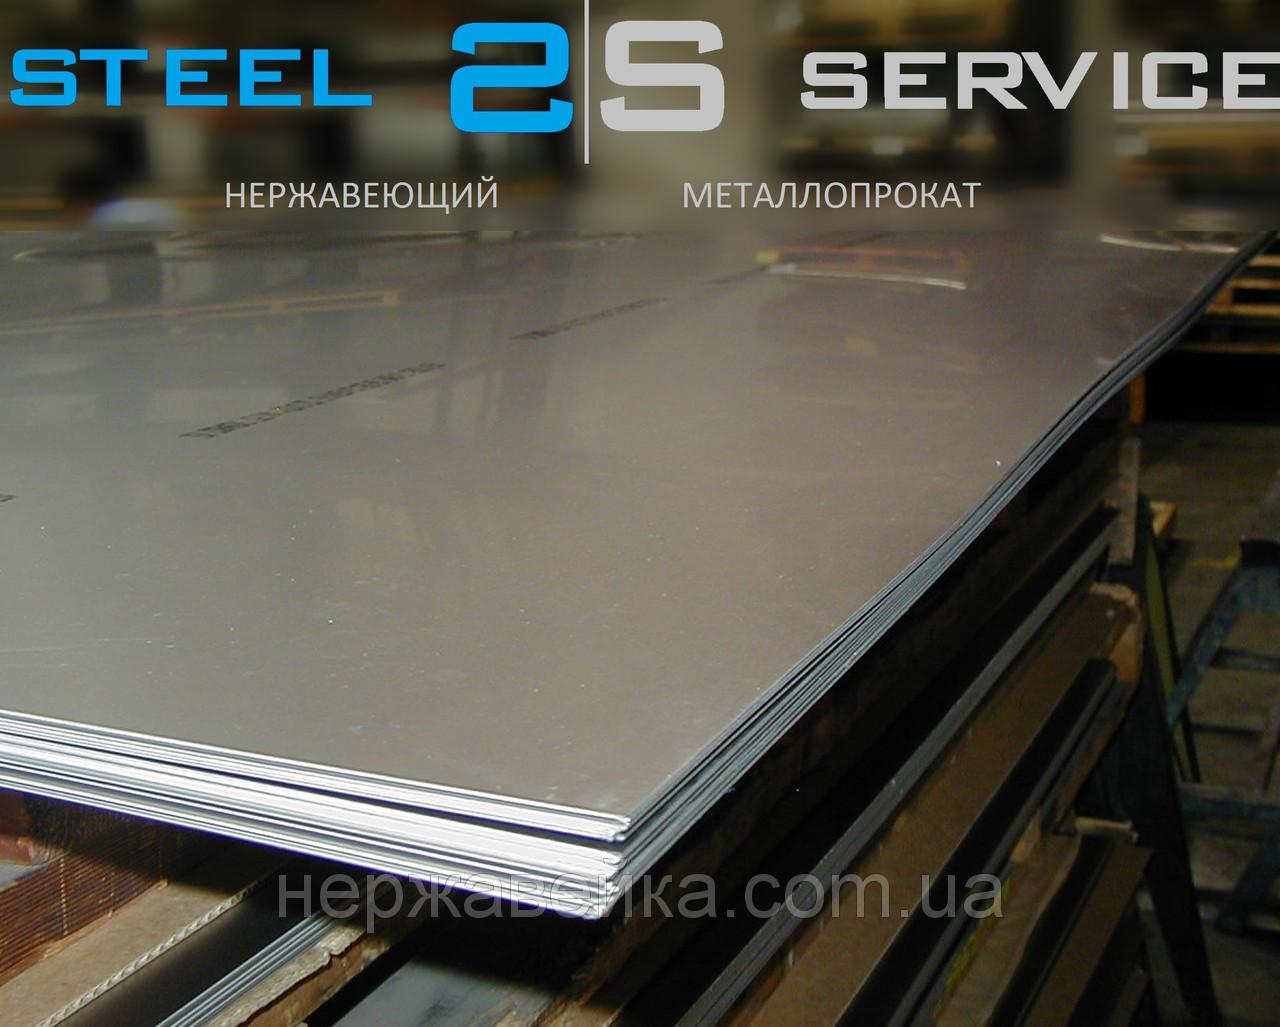 Листовая нержавейка 1,5х1250х2500мм  AISI 316L(03Х17Н14М3) 4N - шлифованный,  кислотостойкий